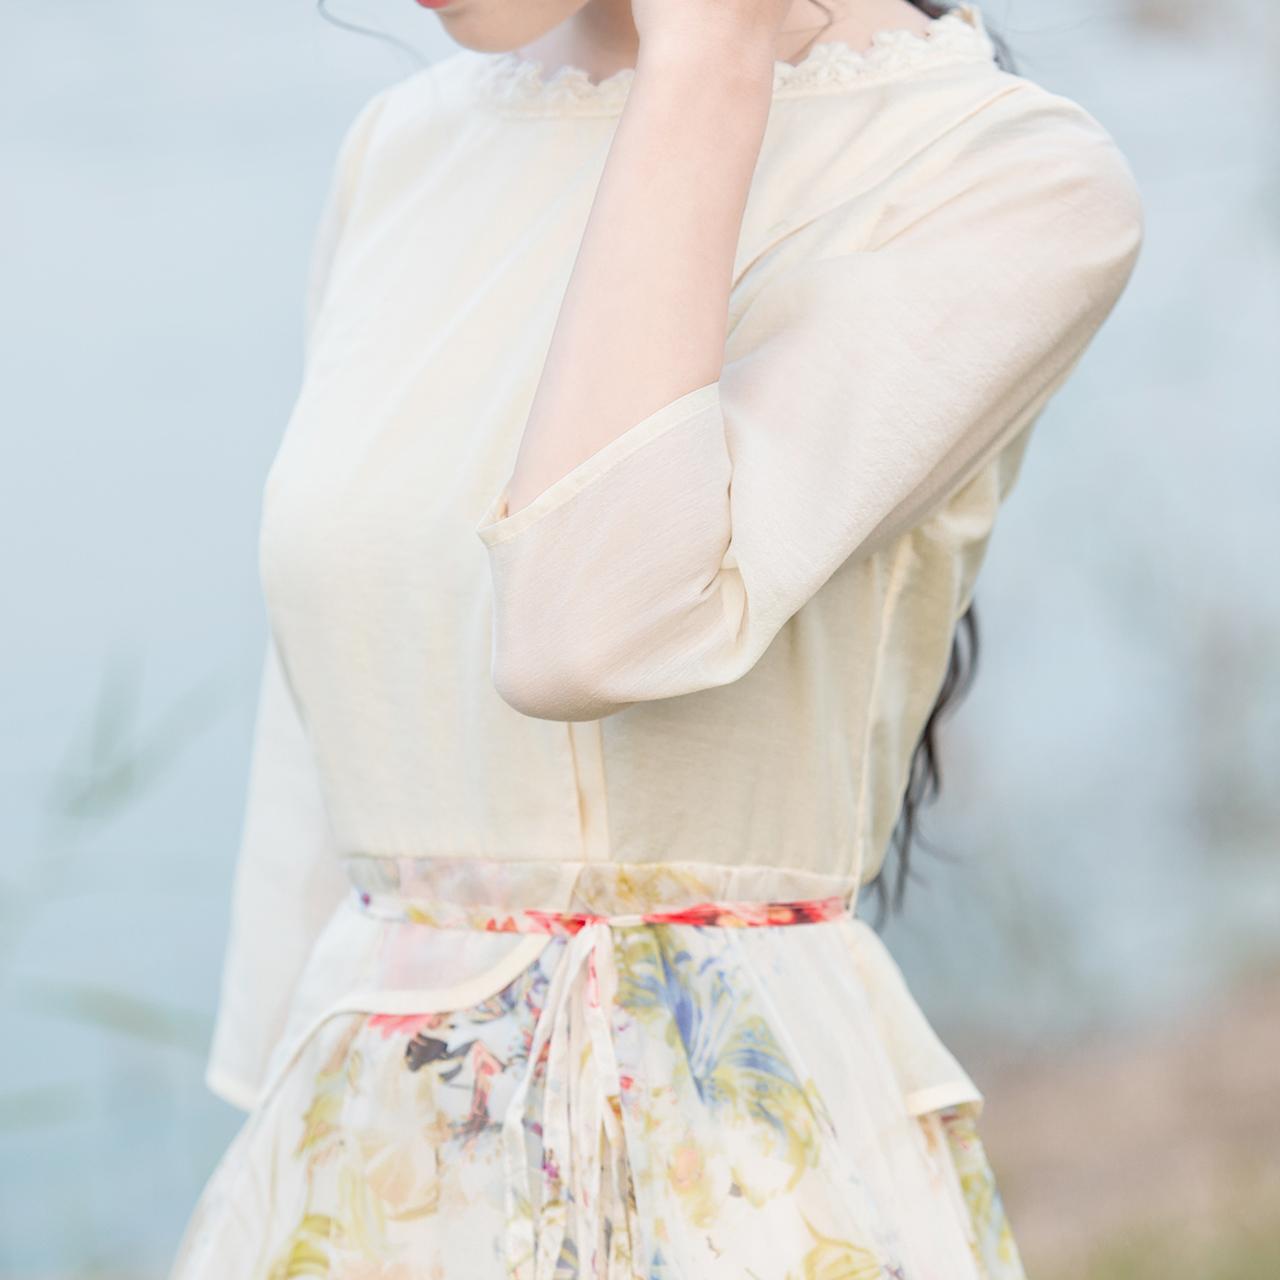 Pháo hoa sd mùa hè 2018 mới phụ nữ in voan ôm tay áo dài tay áo đầm